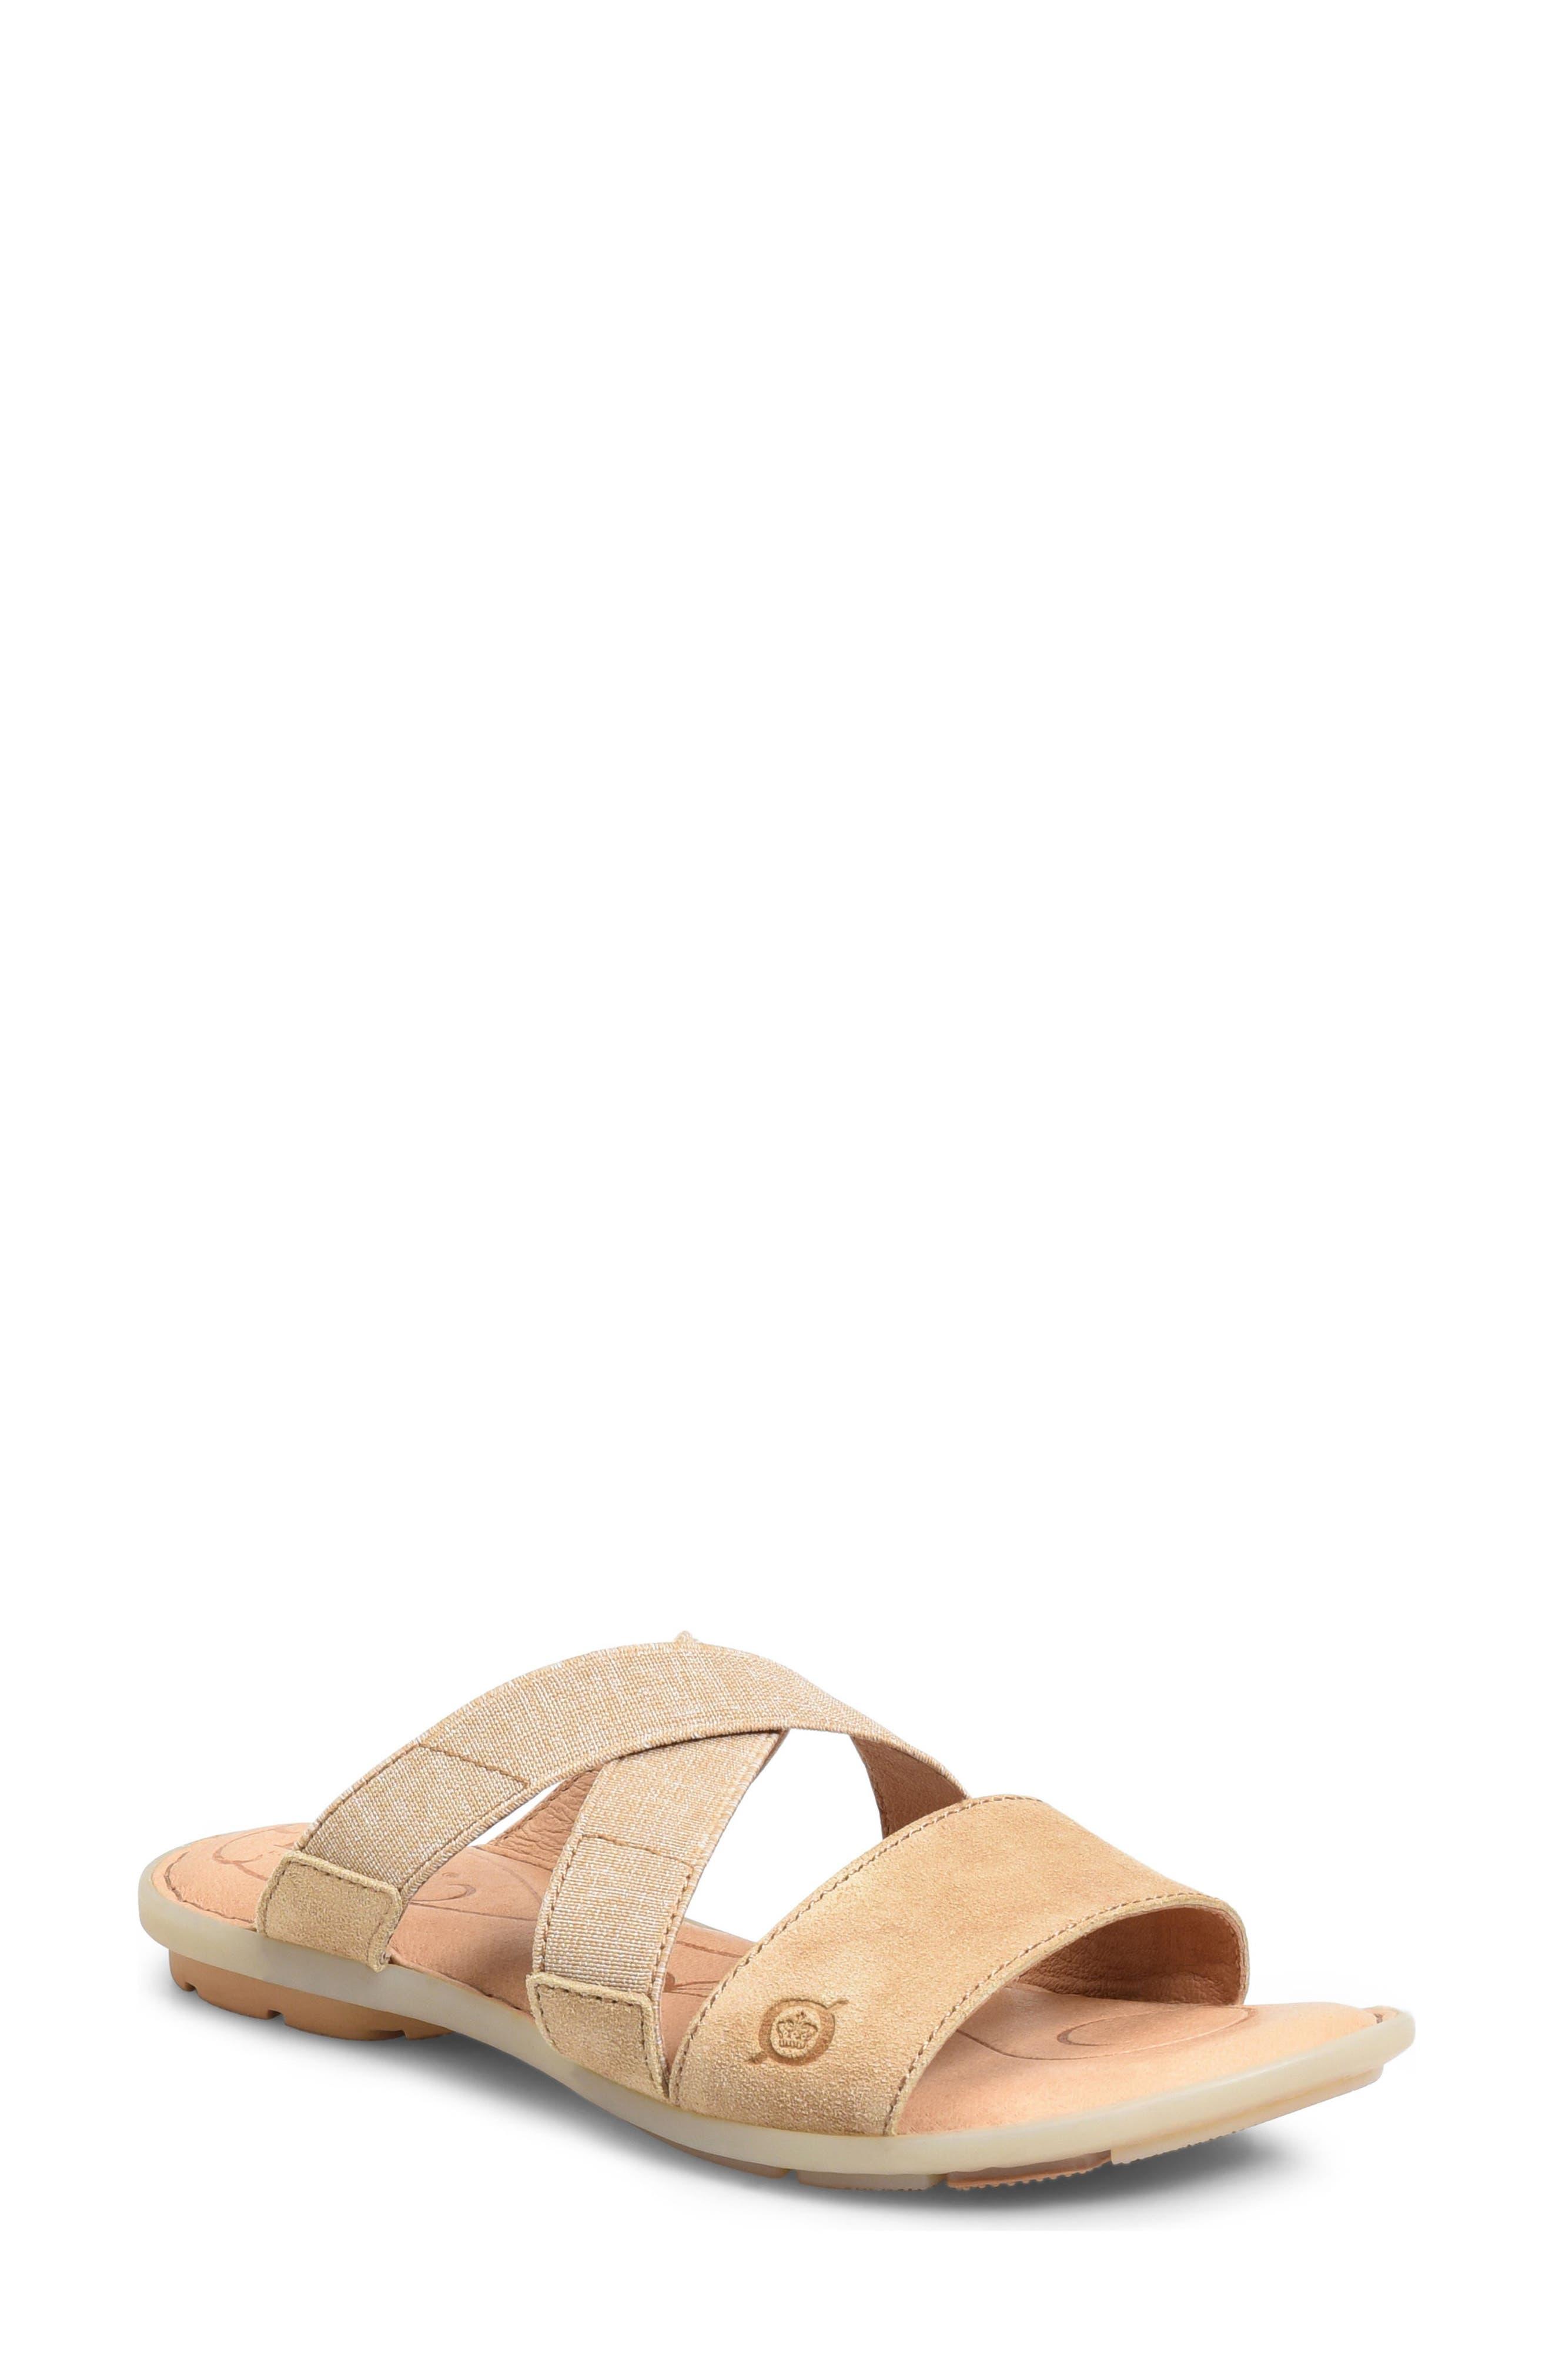 Tidore Slide Sandal,                             Main thumbnail 3, color,